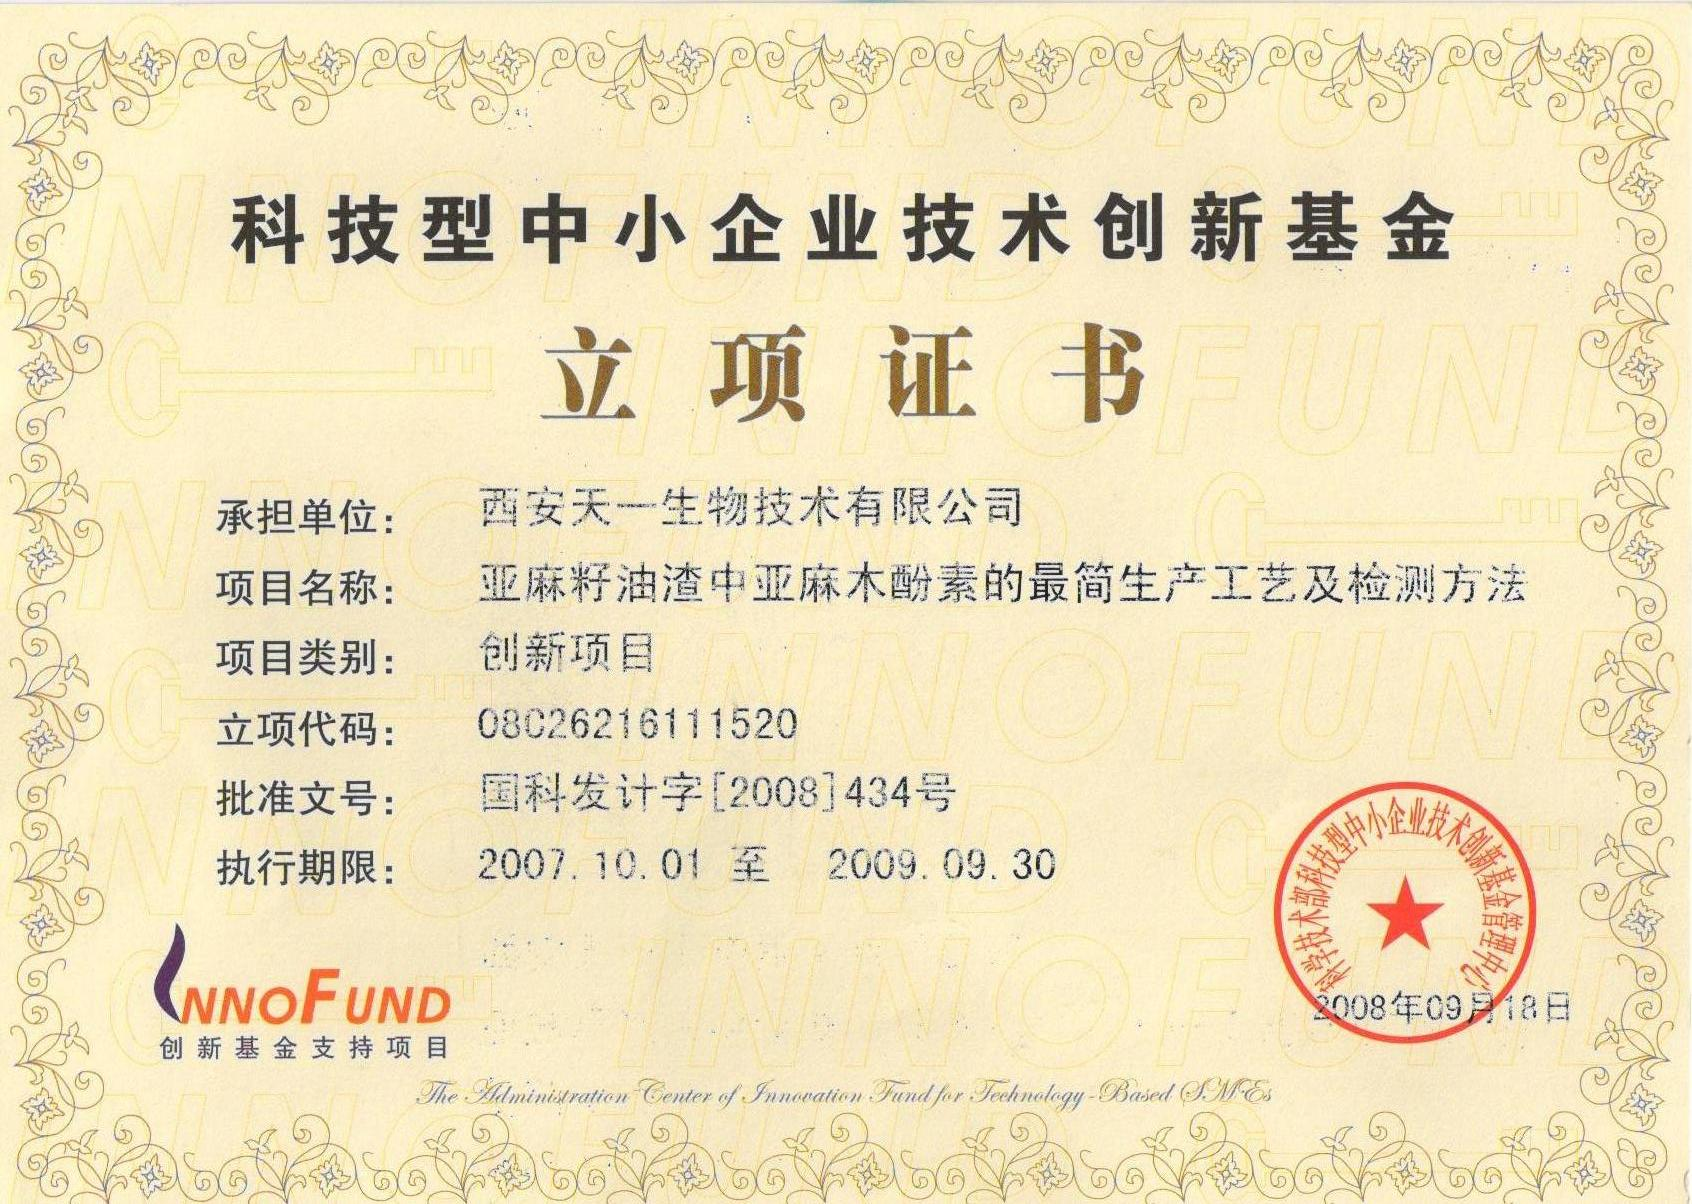 《科技型中小企业技术创新基金立项证书》